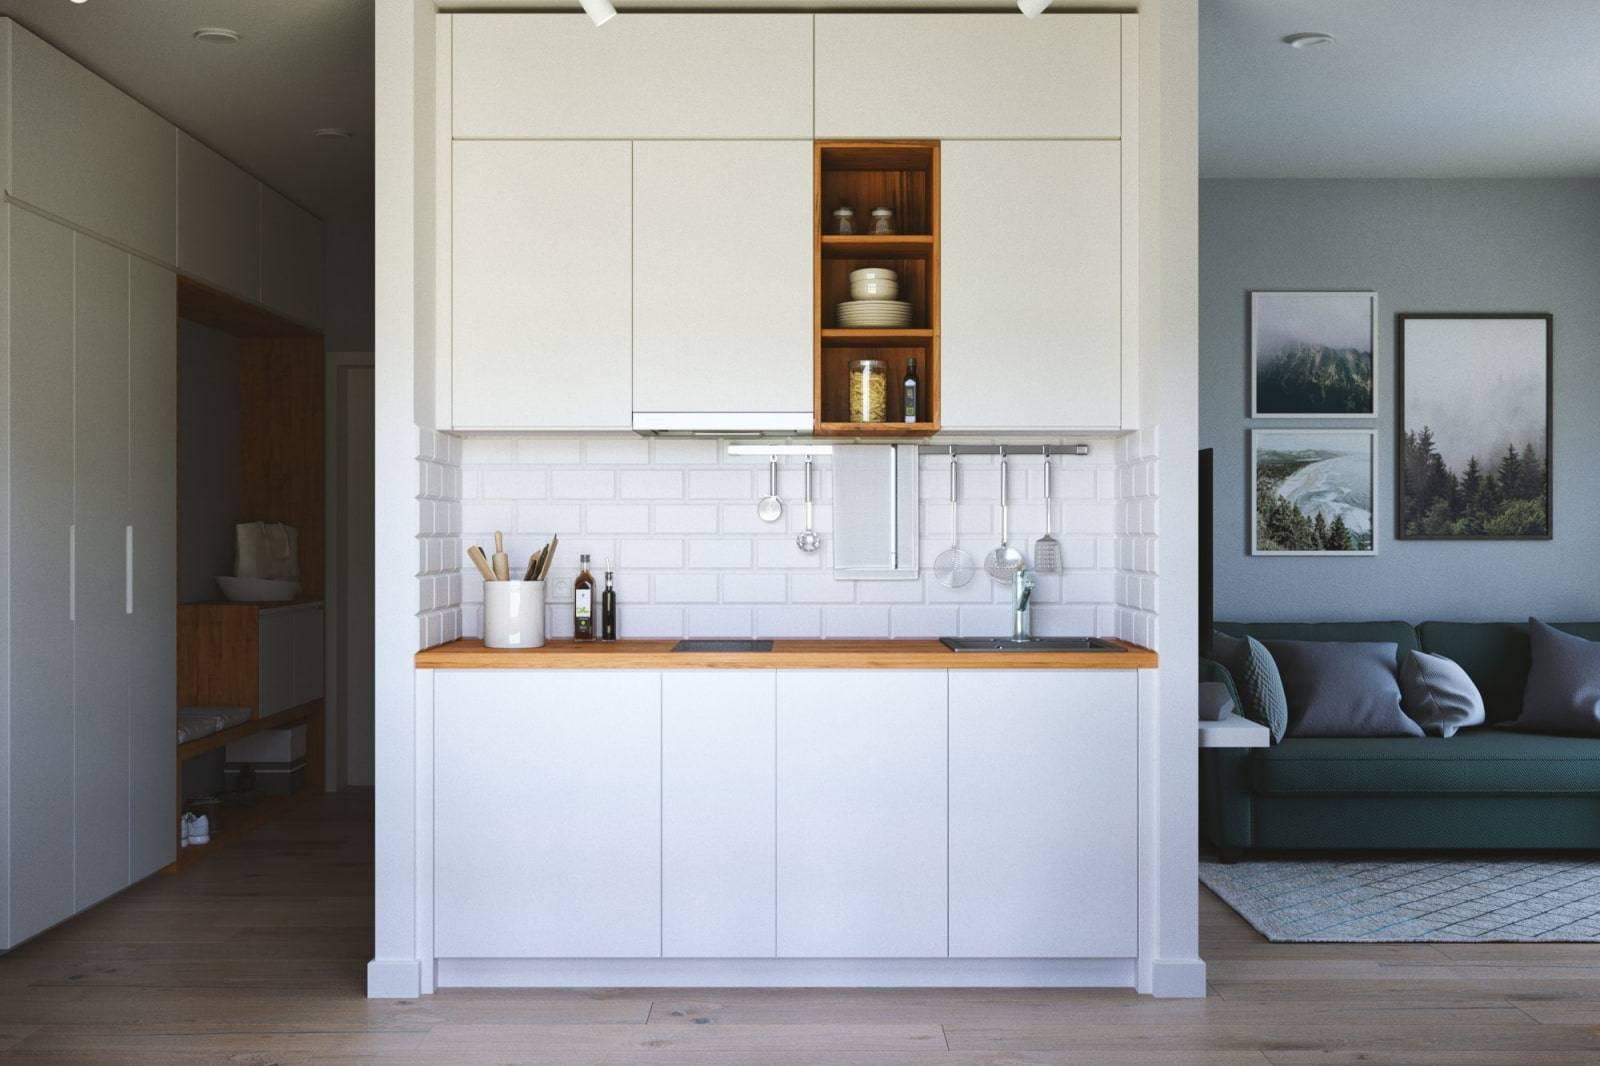 Дизайн маленькой кухни: 45 идей его реализации на фото